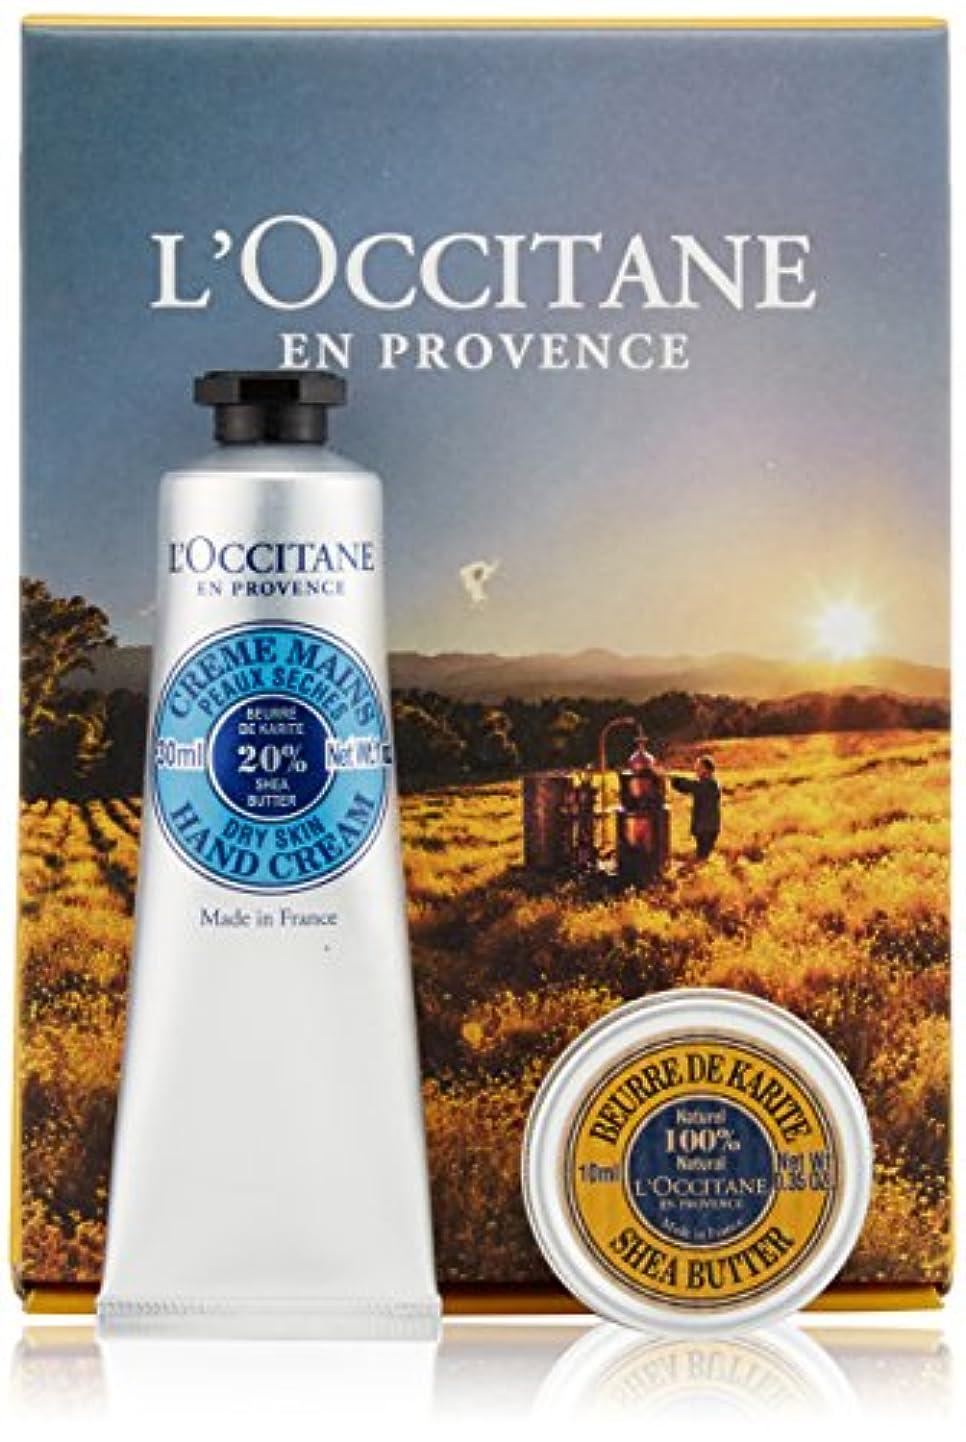 気分ストロークさびたロクシタン(L'OCCITANE) シア ハンドクリーム30ml&シアバター10ml